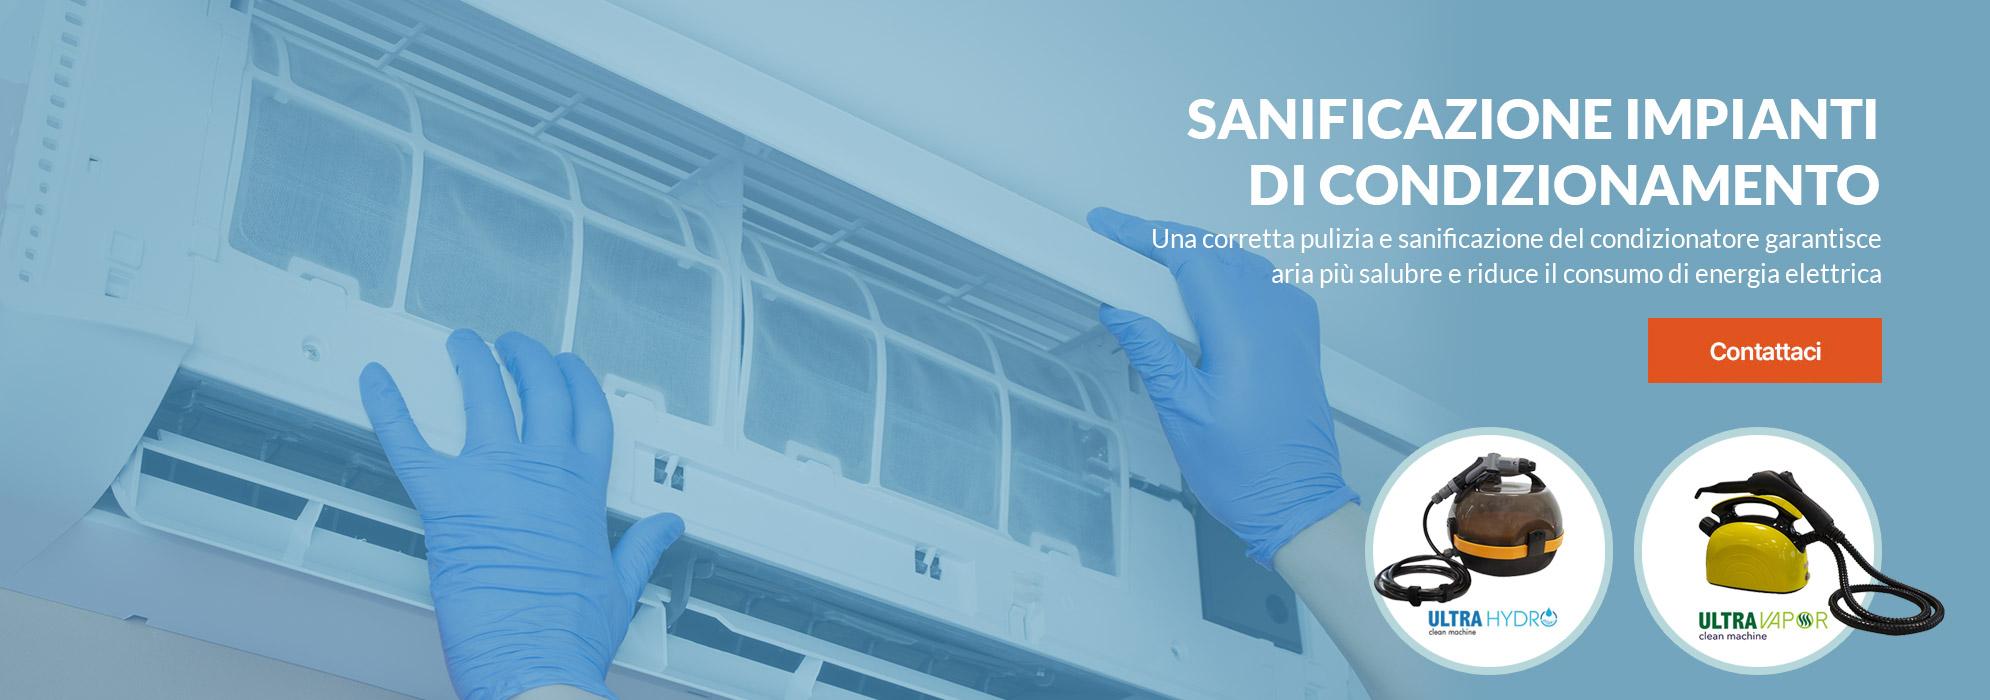 slide-sanificazione